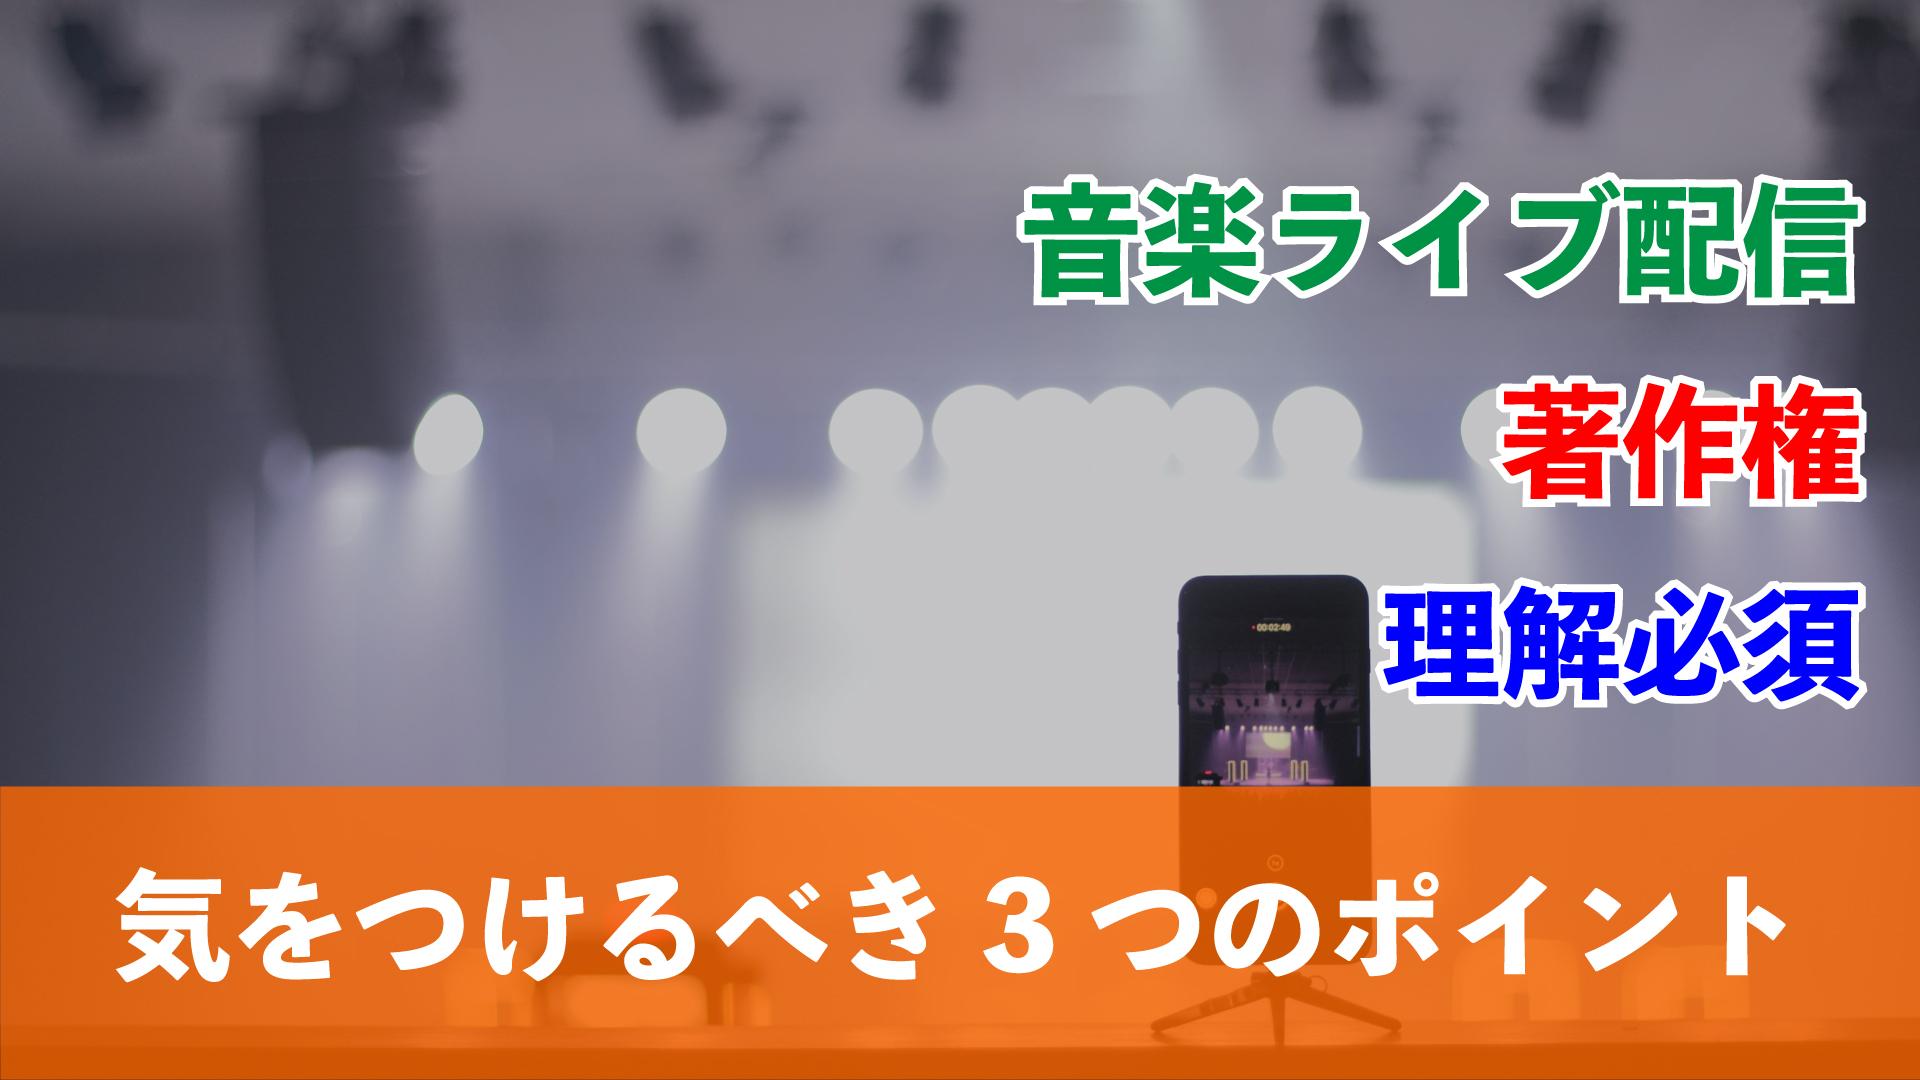 【著作権】音楽ライブ配信で気をつけるべき3つのポイント_アイキャッチ